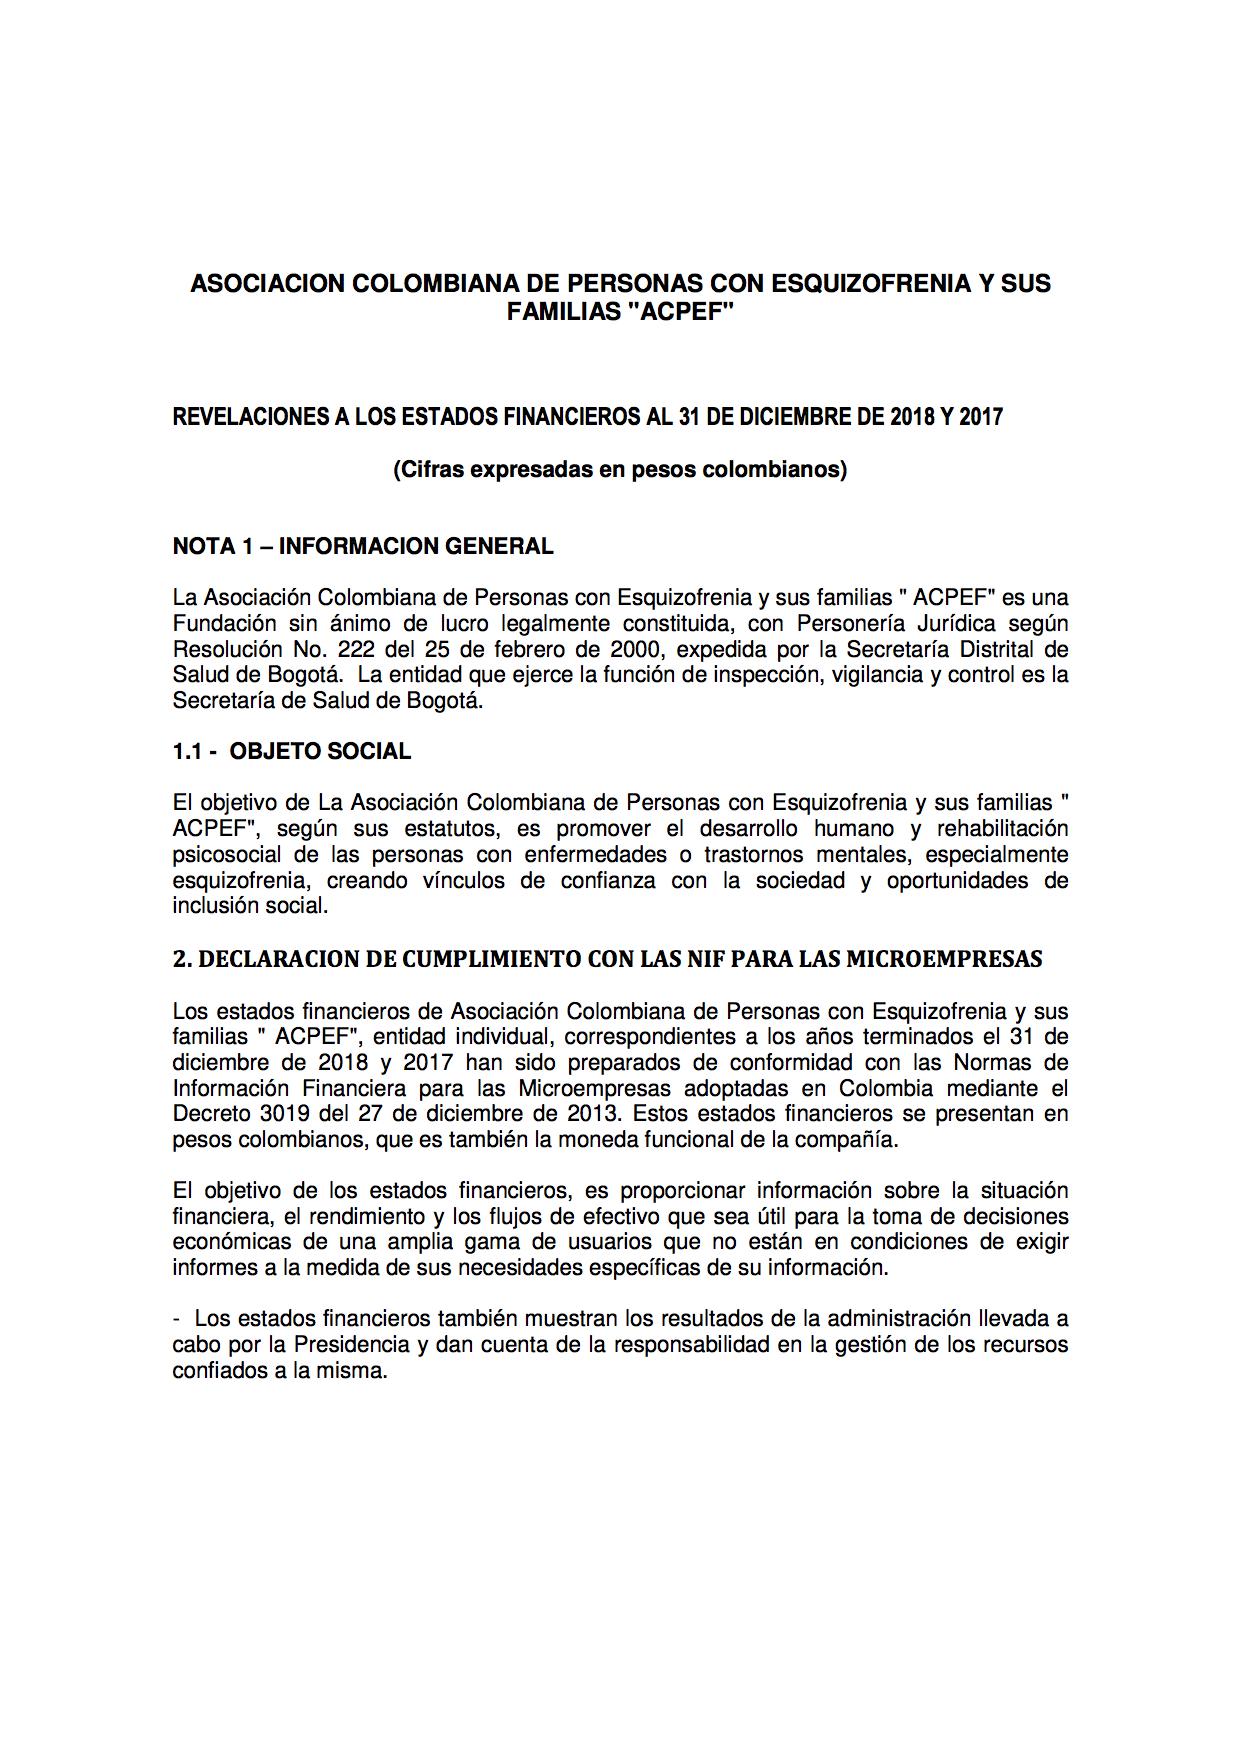 Notas Acpef 2018